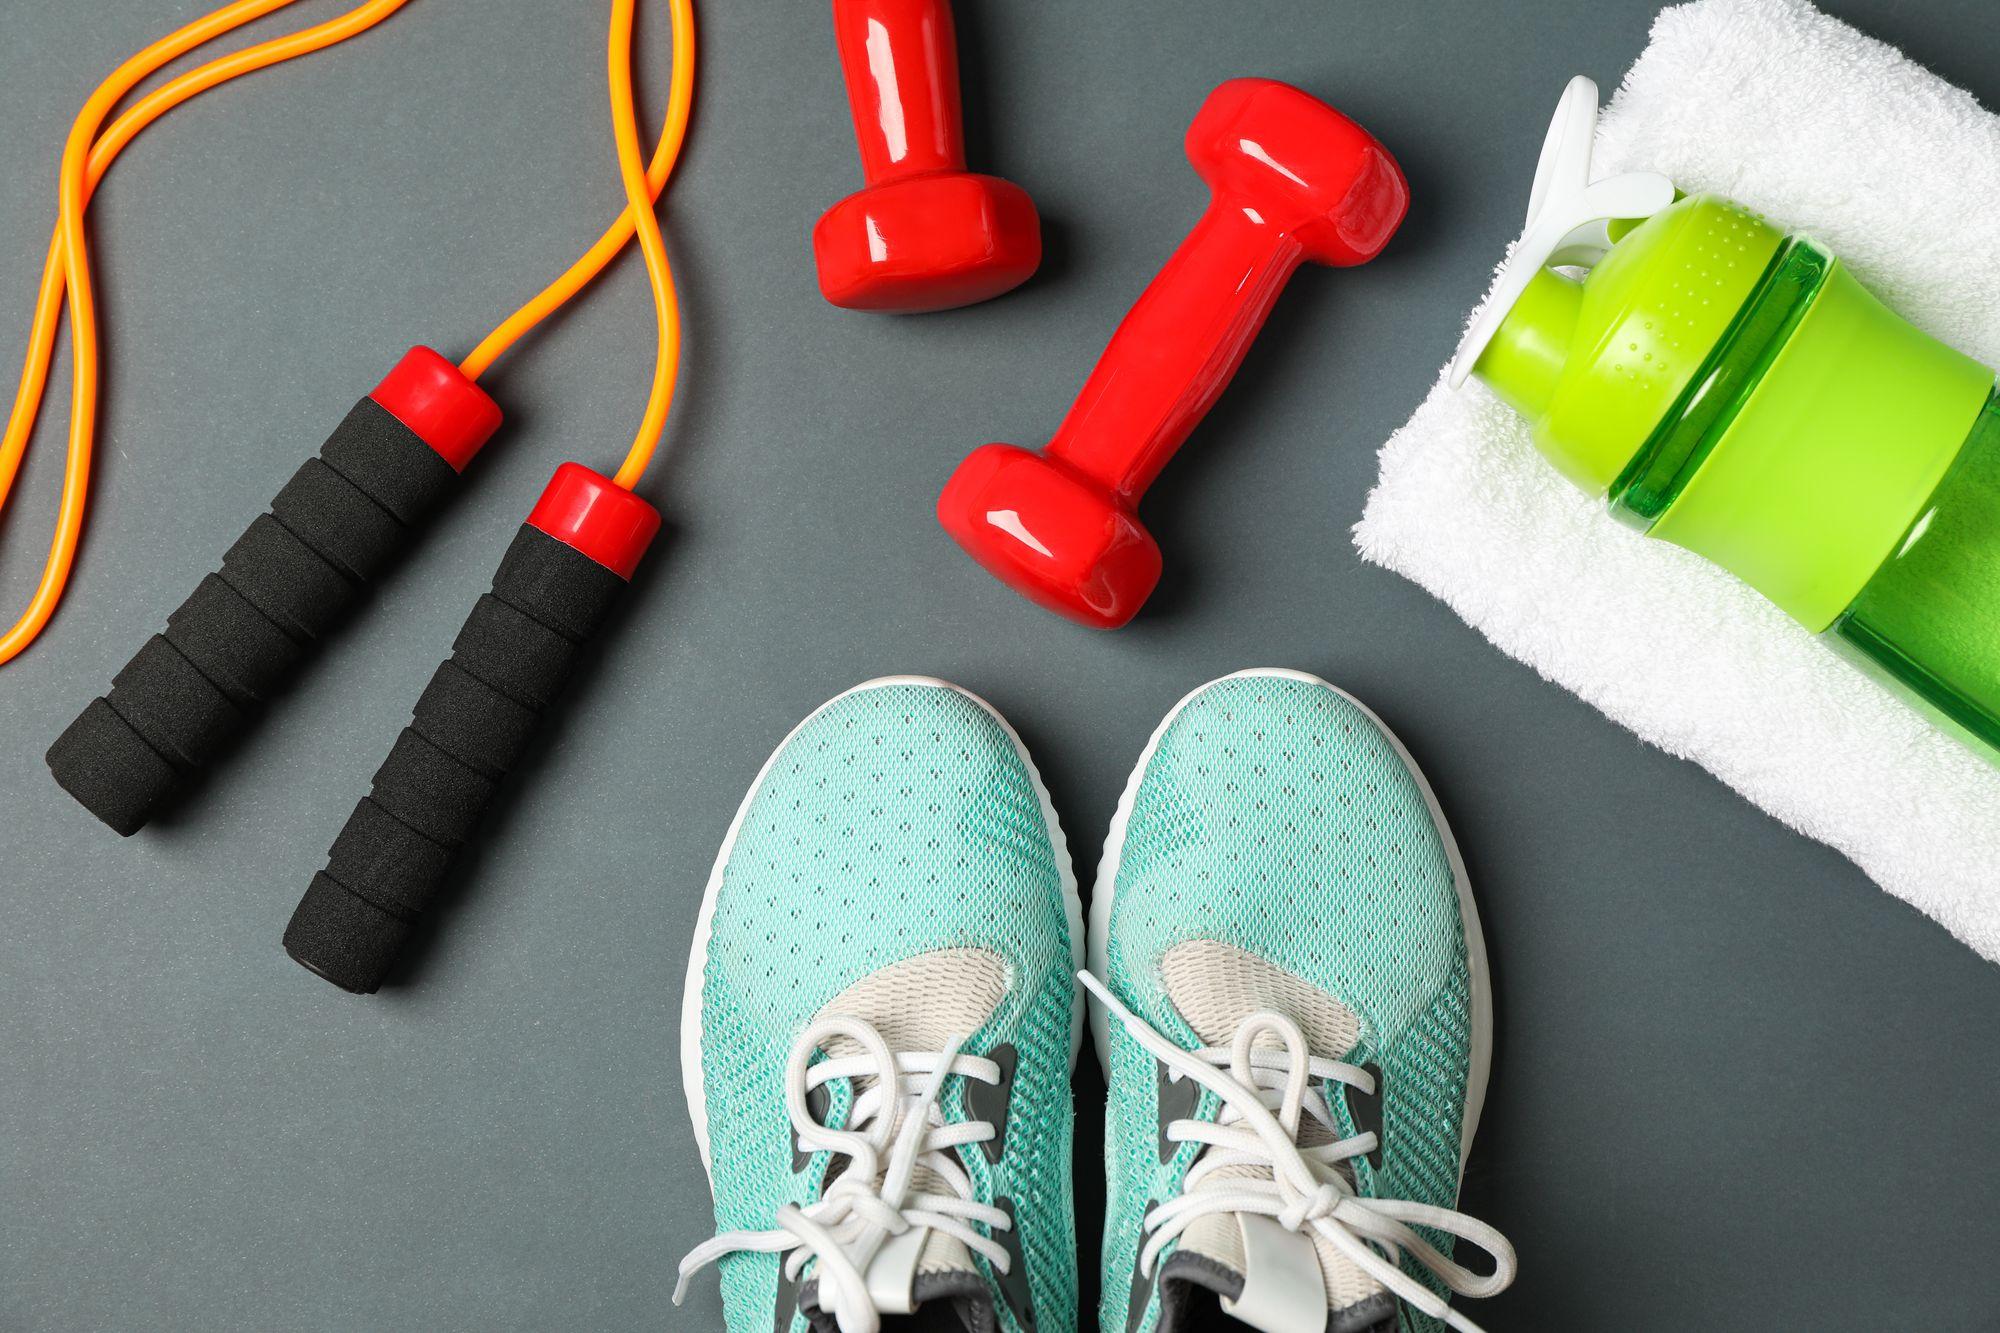 Exercícios físicos melhoram a qualidade de vida em todos os sentidos. (Reprodução/Freepik)